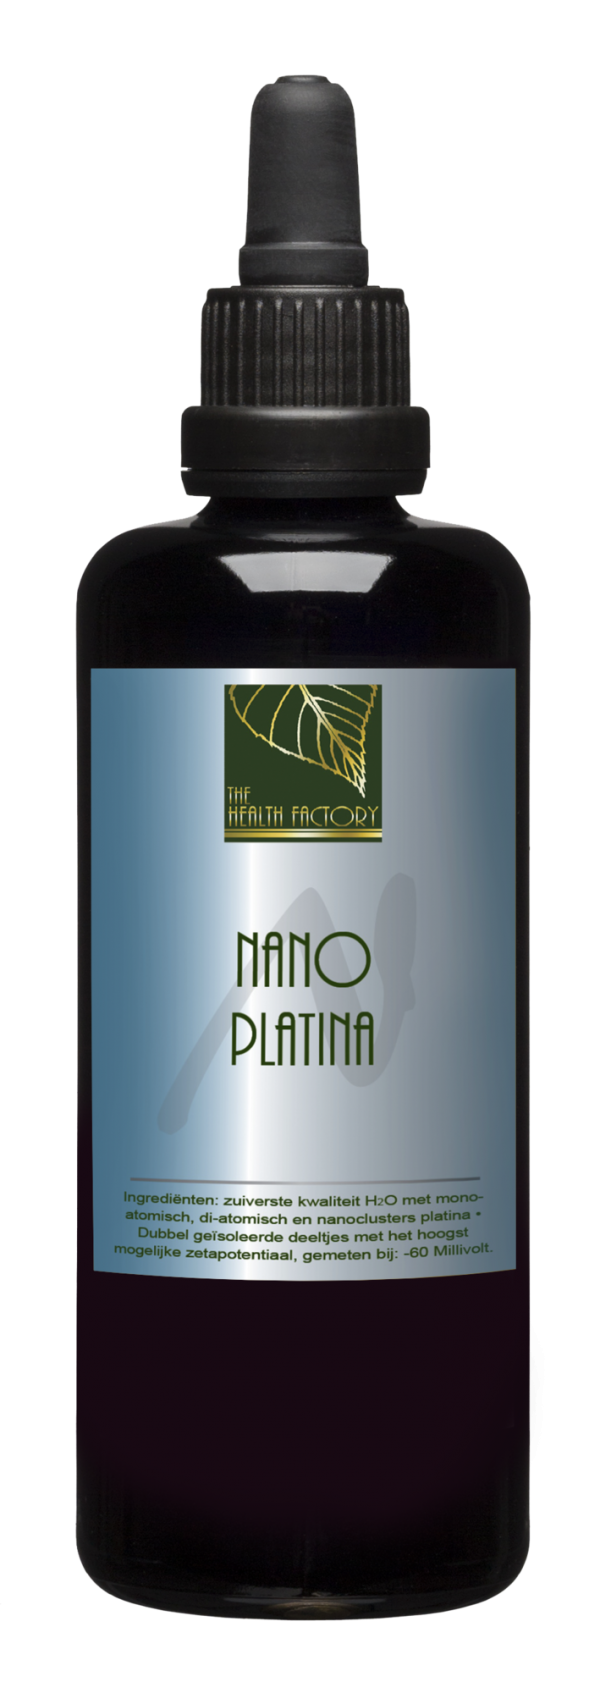 Nano Mineraal Water (Colloïdaal platina) - 100 ml met pipet - The Hea